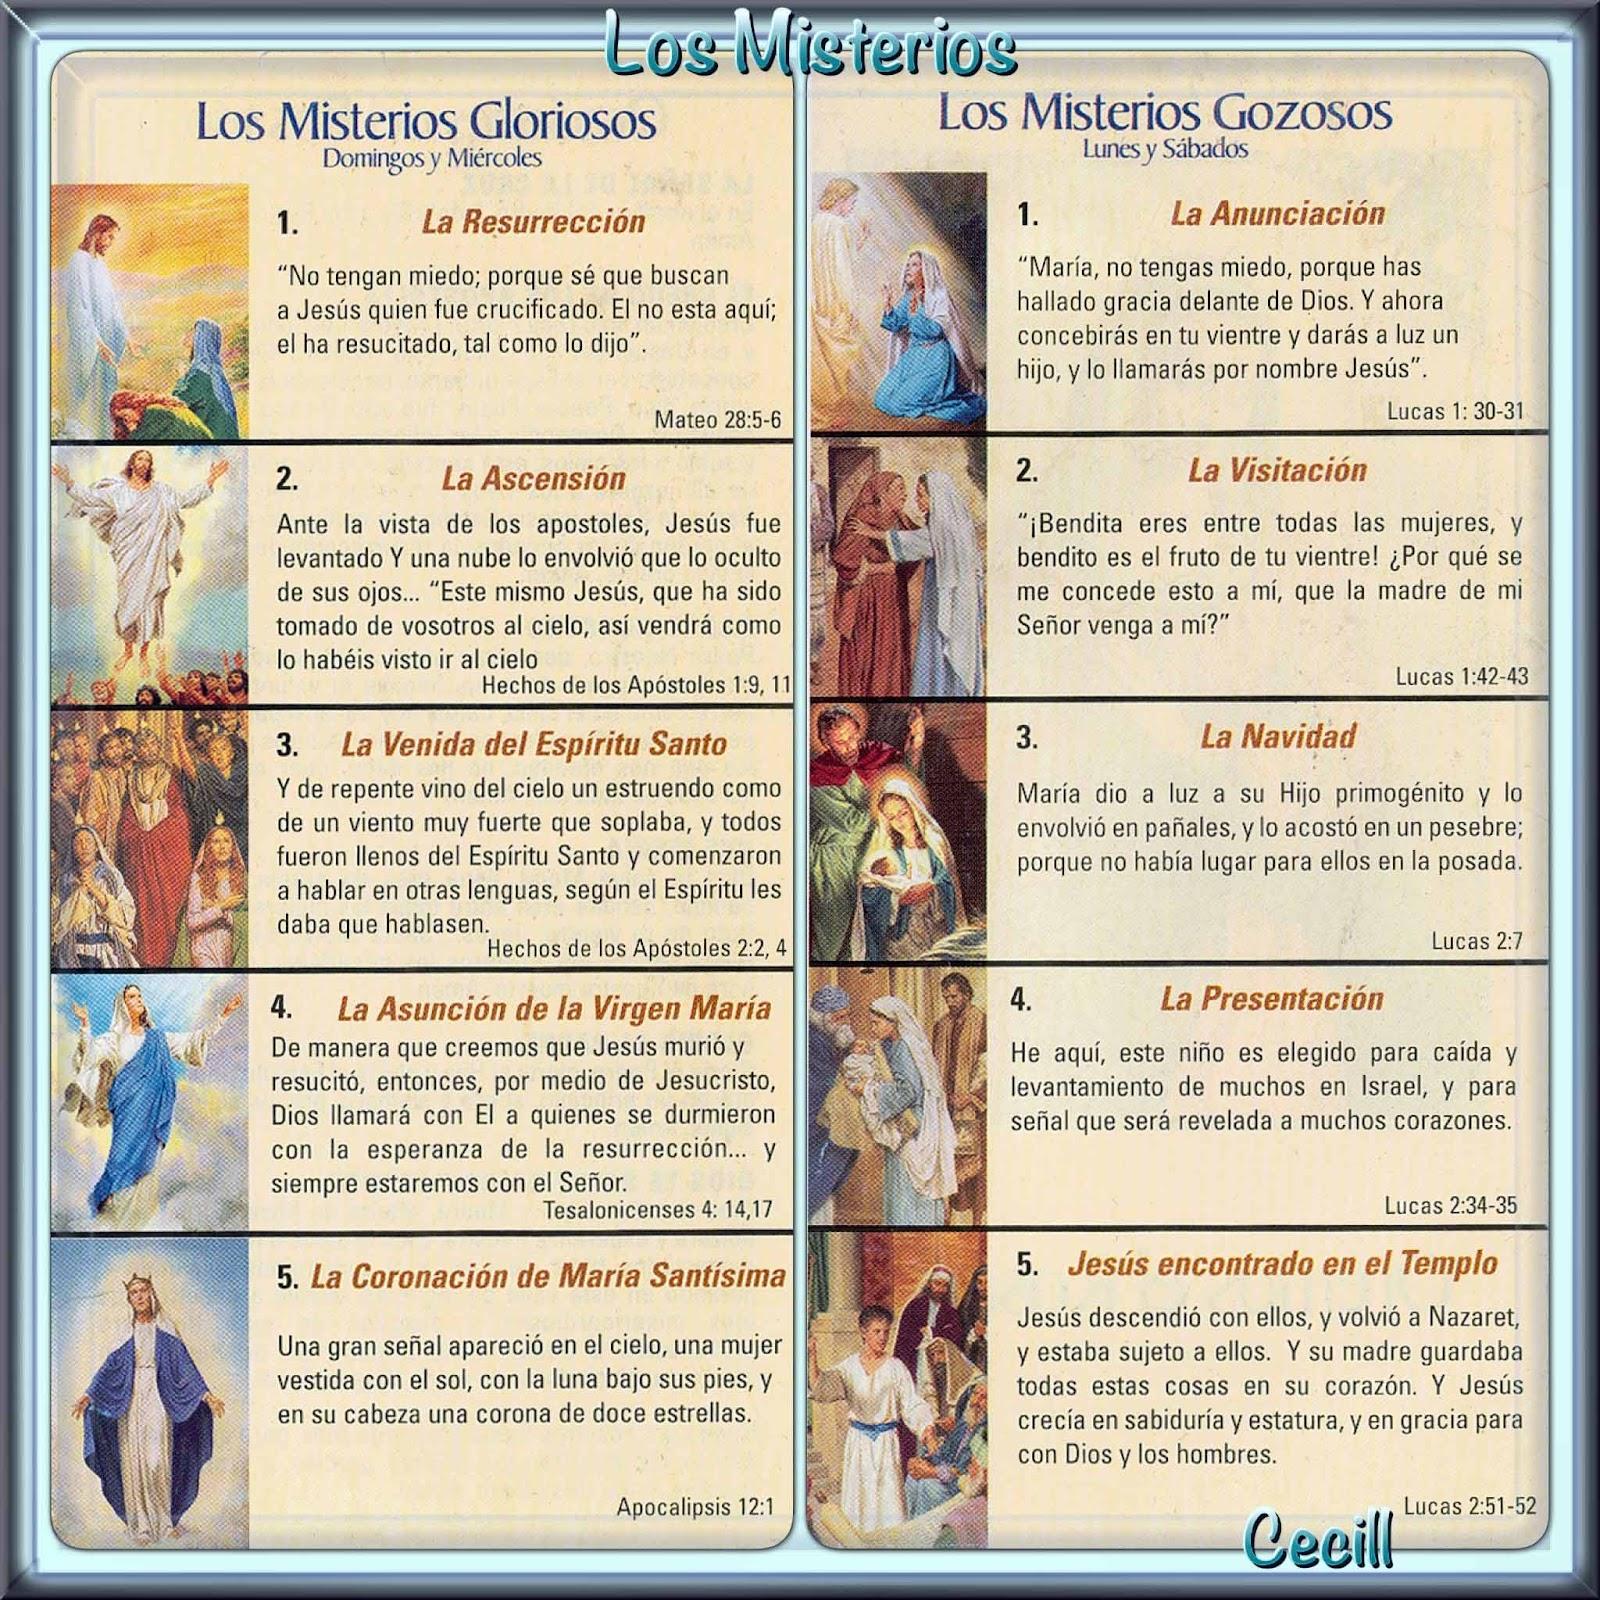 el rosario senior personals Buy cómo rezar el rosario 7 formas (spanish edition): read 3 kindle store reviews - amazoncom.